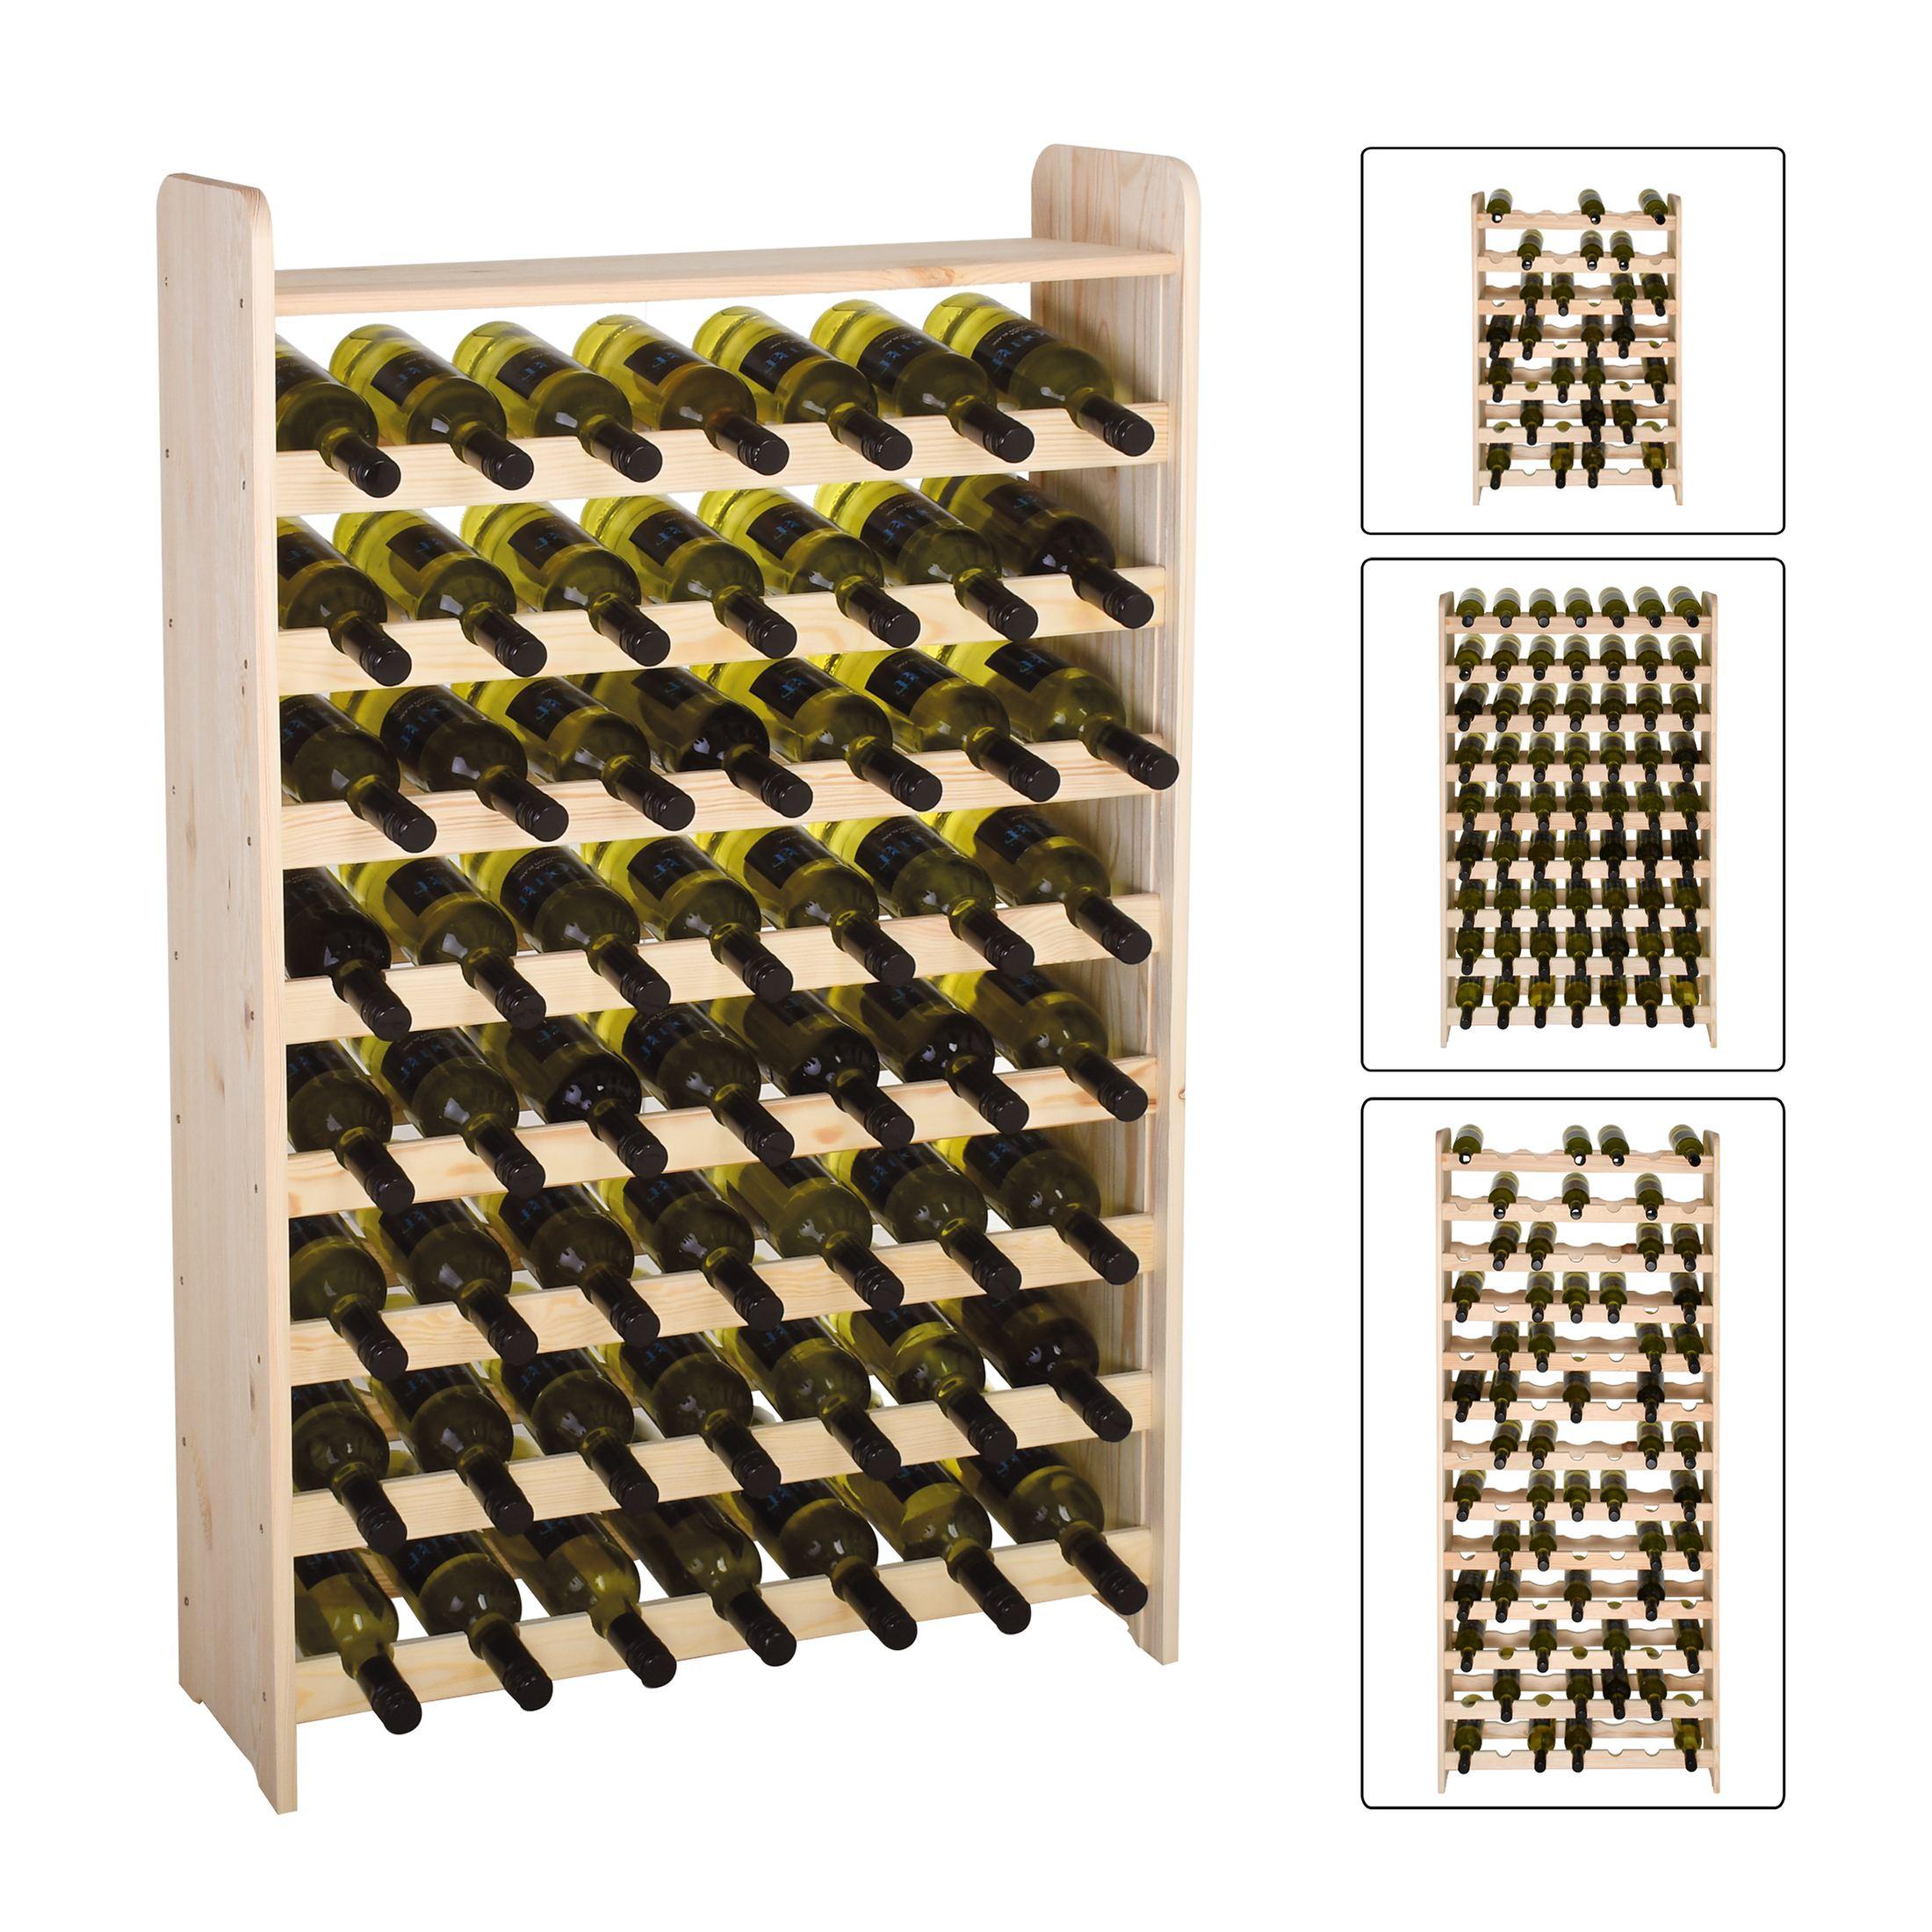 weinregal flaschenregal system optiplus holz kiefer natur ebay. Black Bedroom Furniture Sets. Home Design Ideas